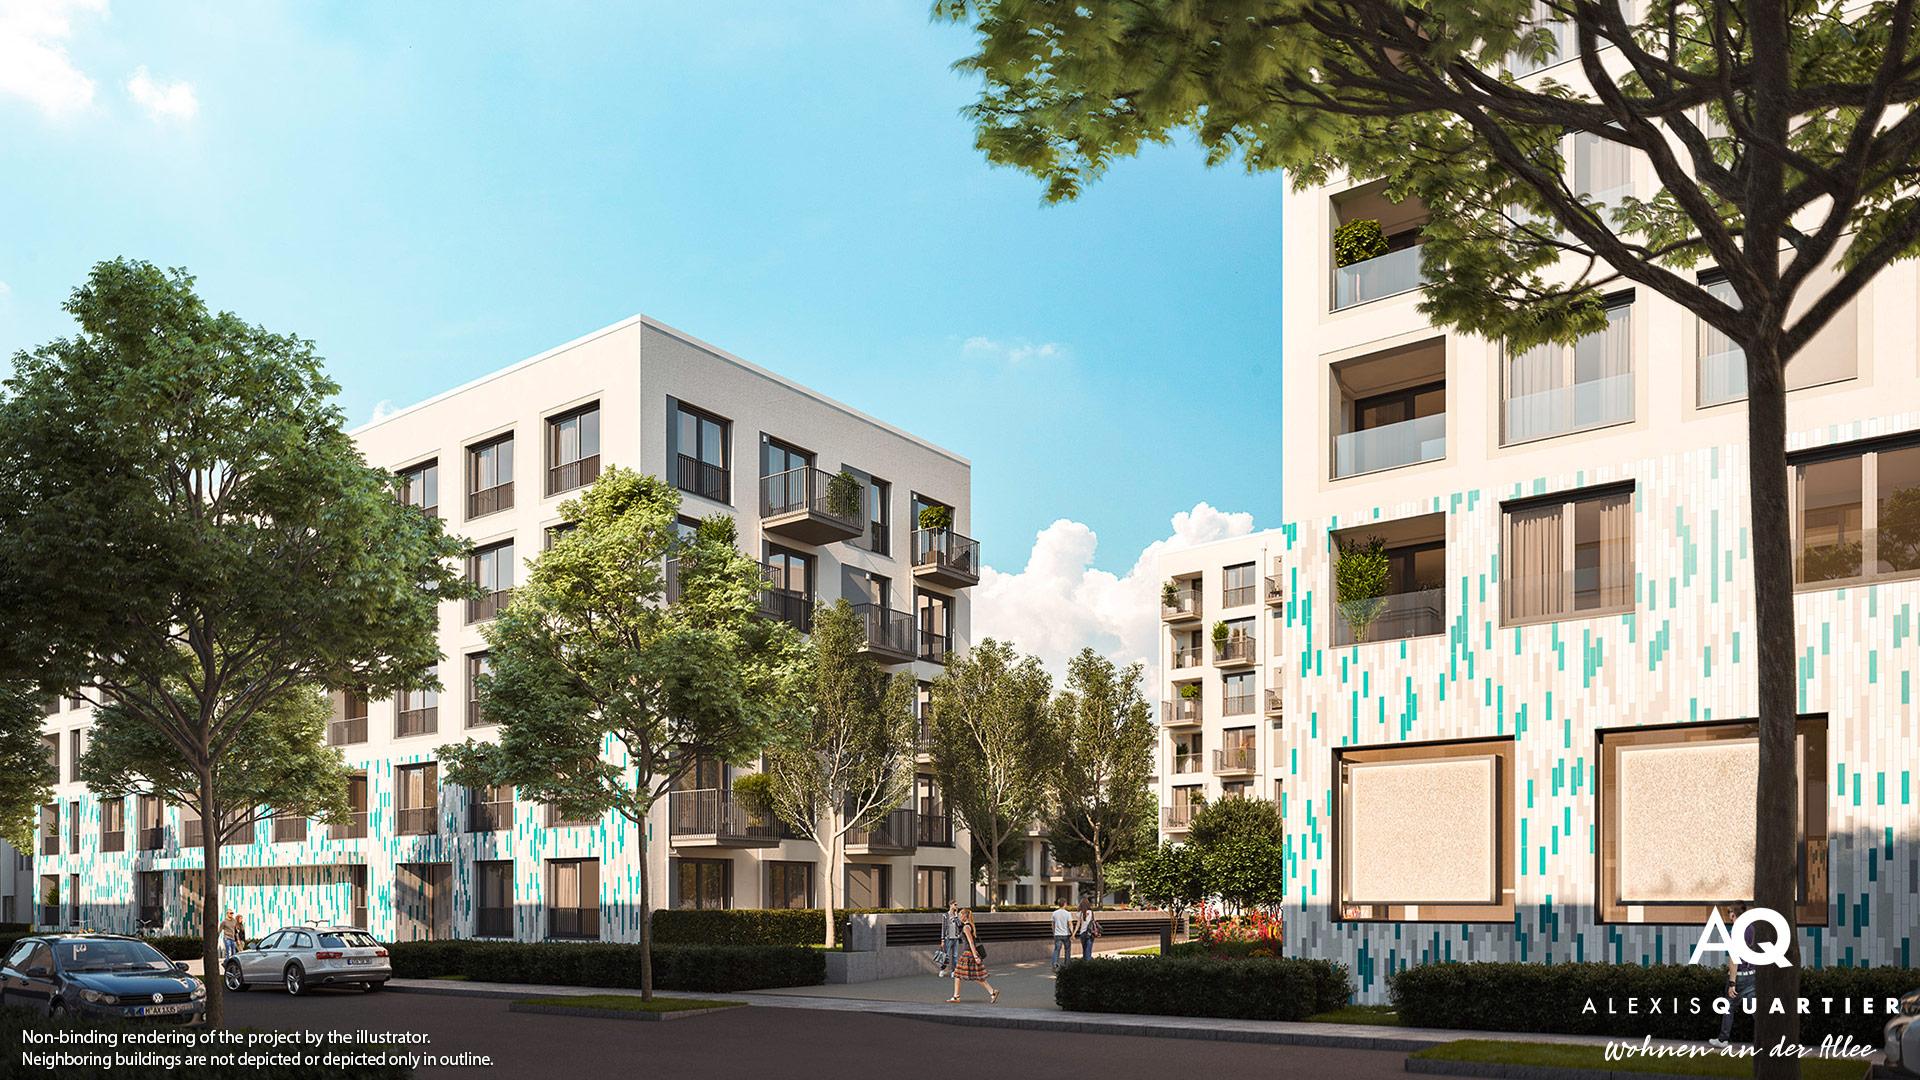 Property Alexisquartier - Wohnen an der Allee - Illustration 2